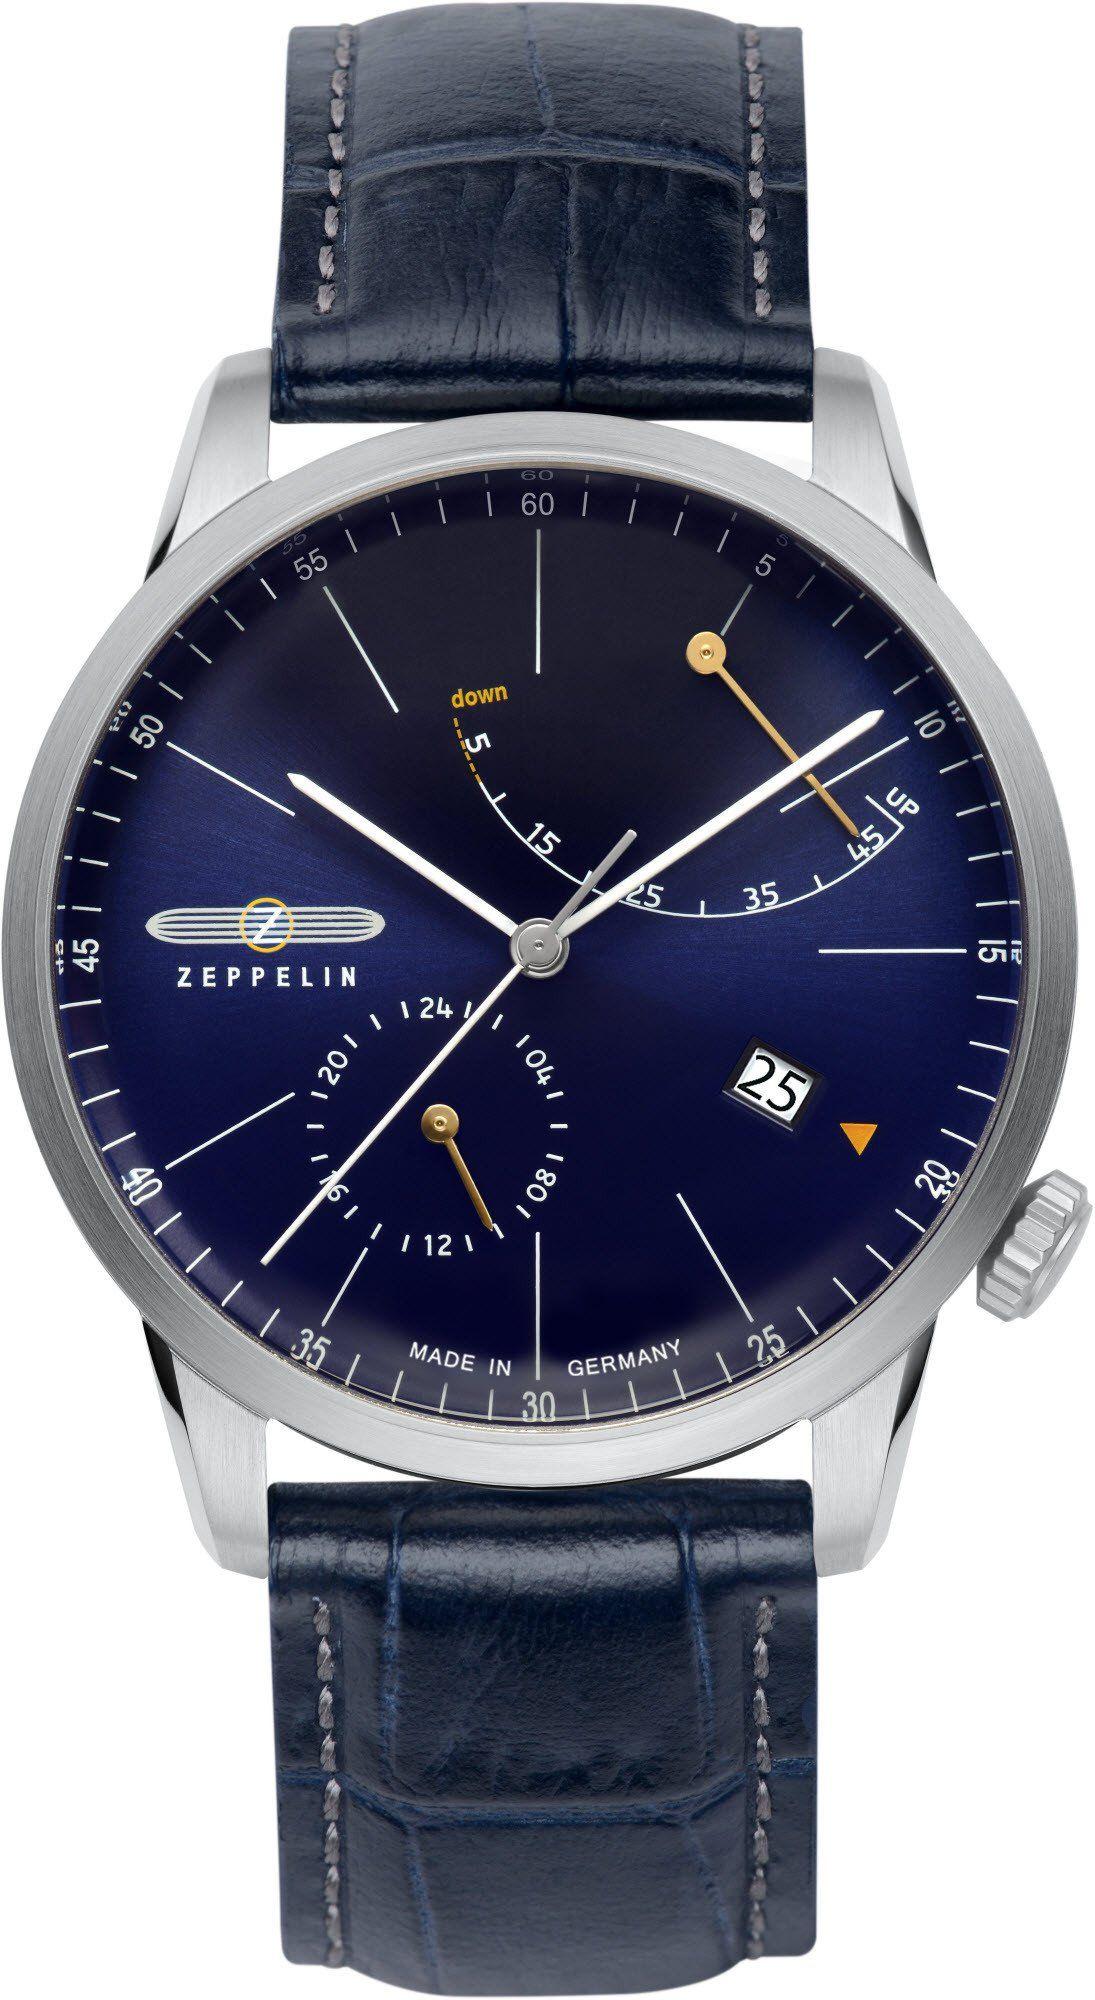 Zeppelin Watch Flatline Zeppelin watch, Watches for men